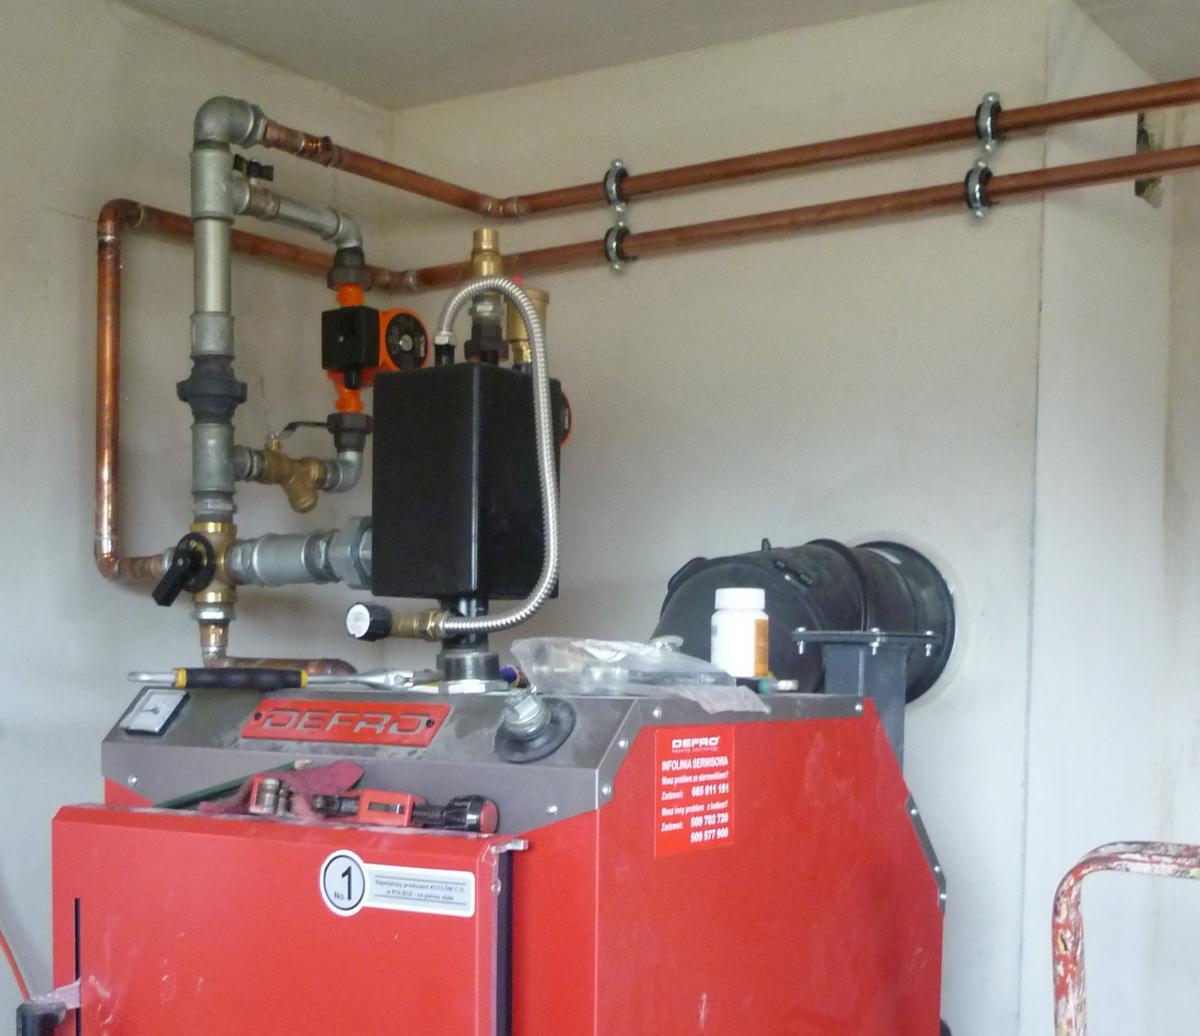 Zaktualizowano jak zainstaloac termometr w czopuchu - Instalacje CO i CWU - Forum KO19